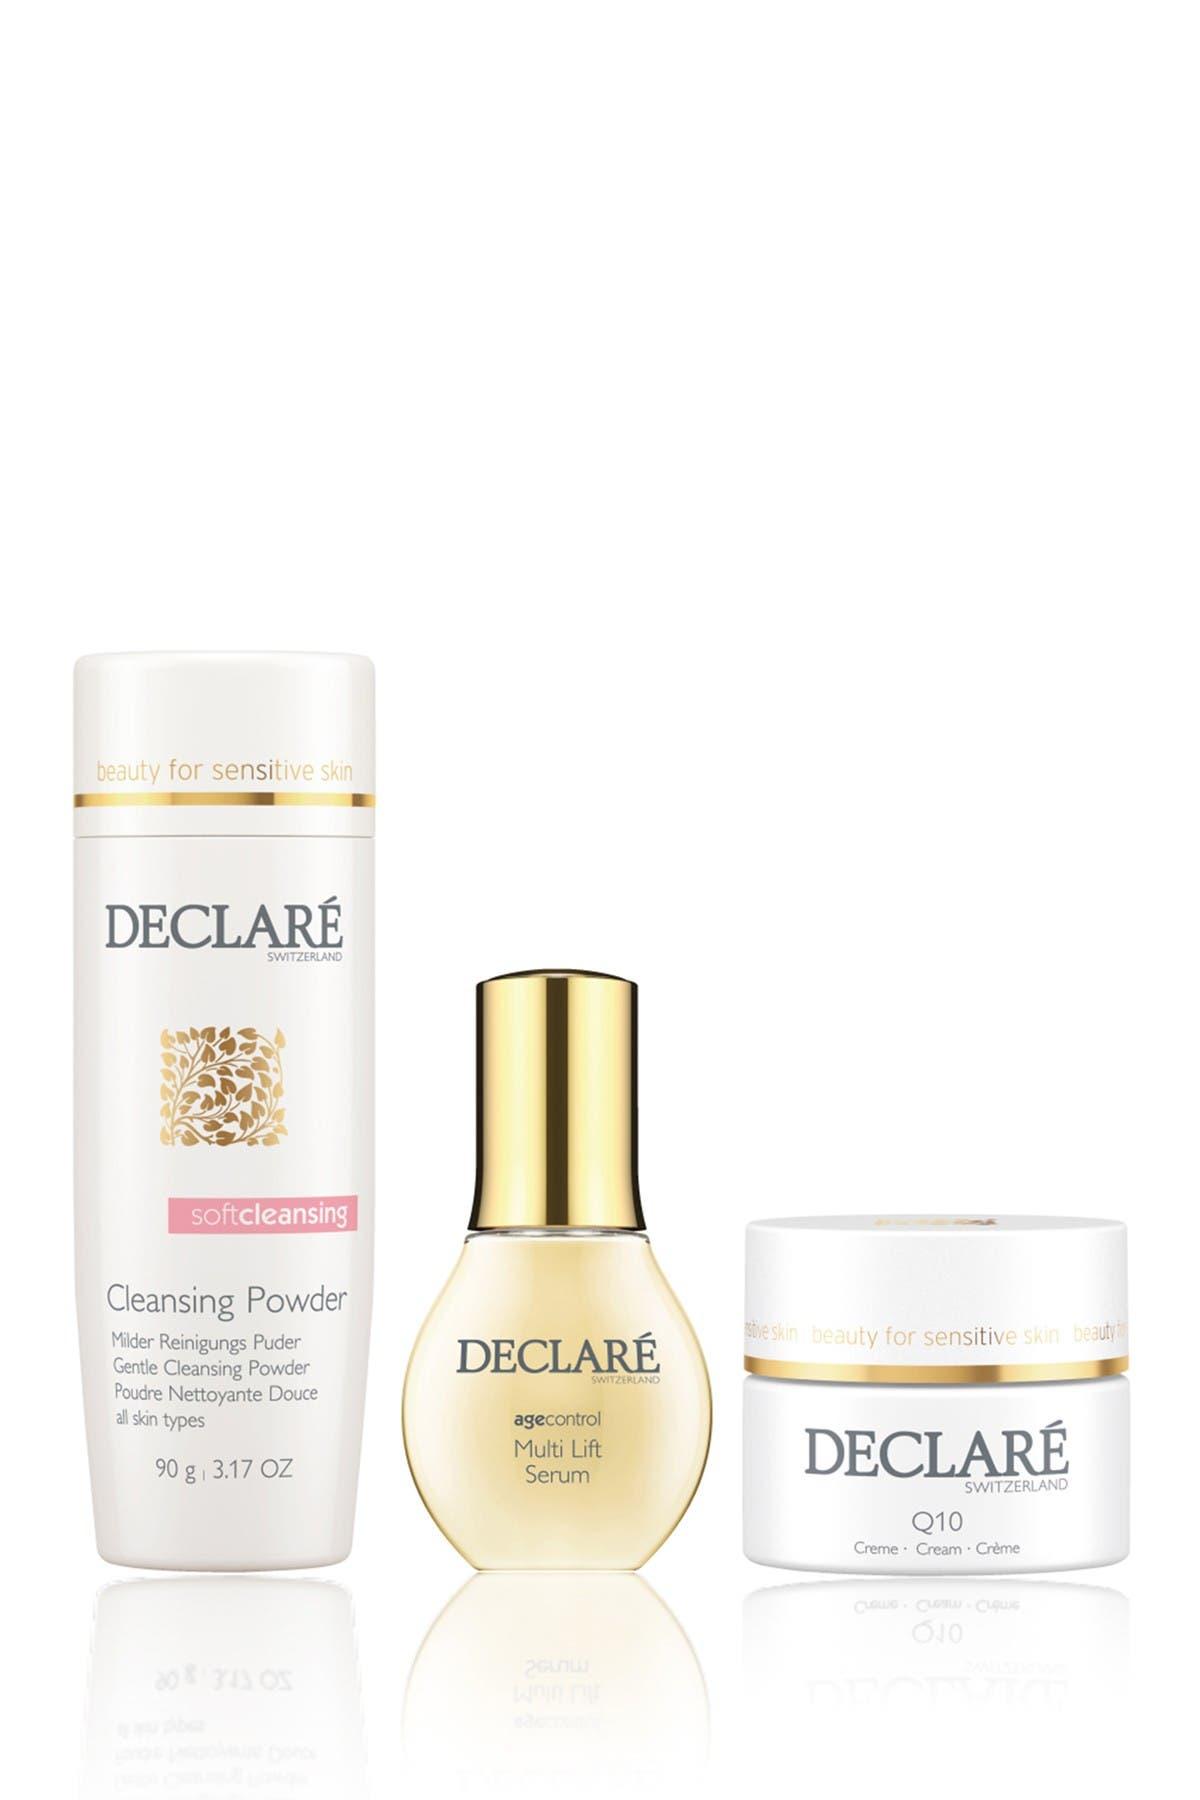 Image of DECLARE Age Control 3-Piece Skincare Set